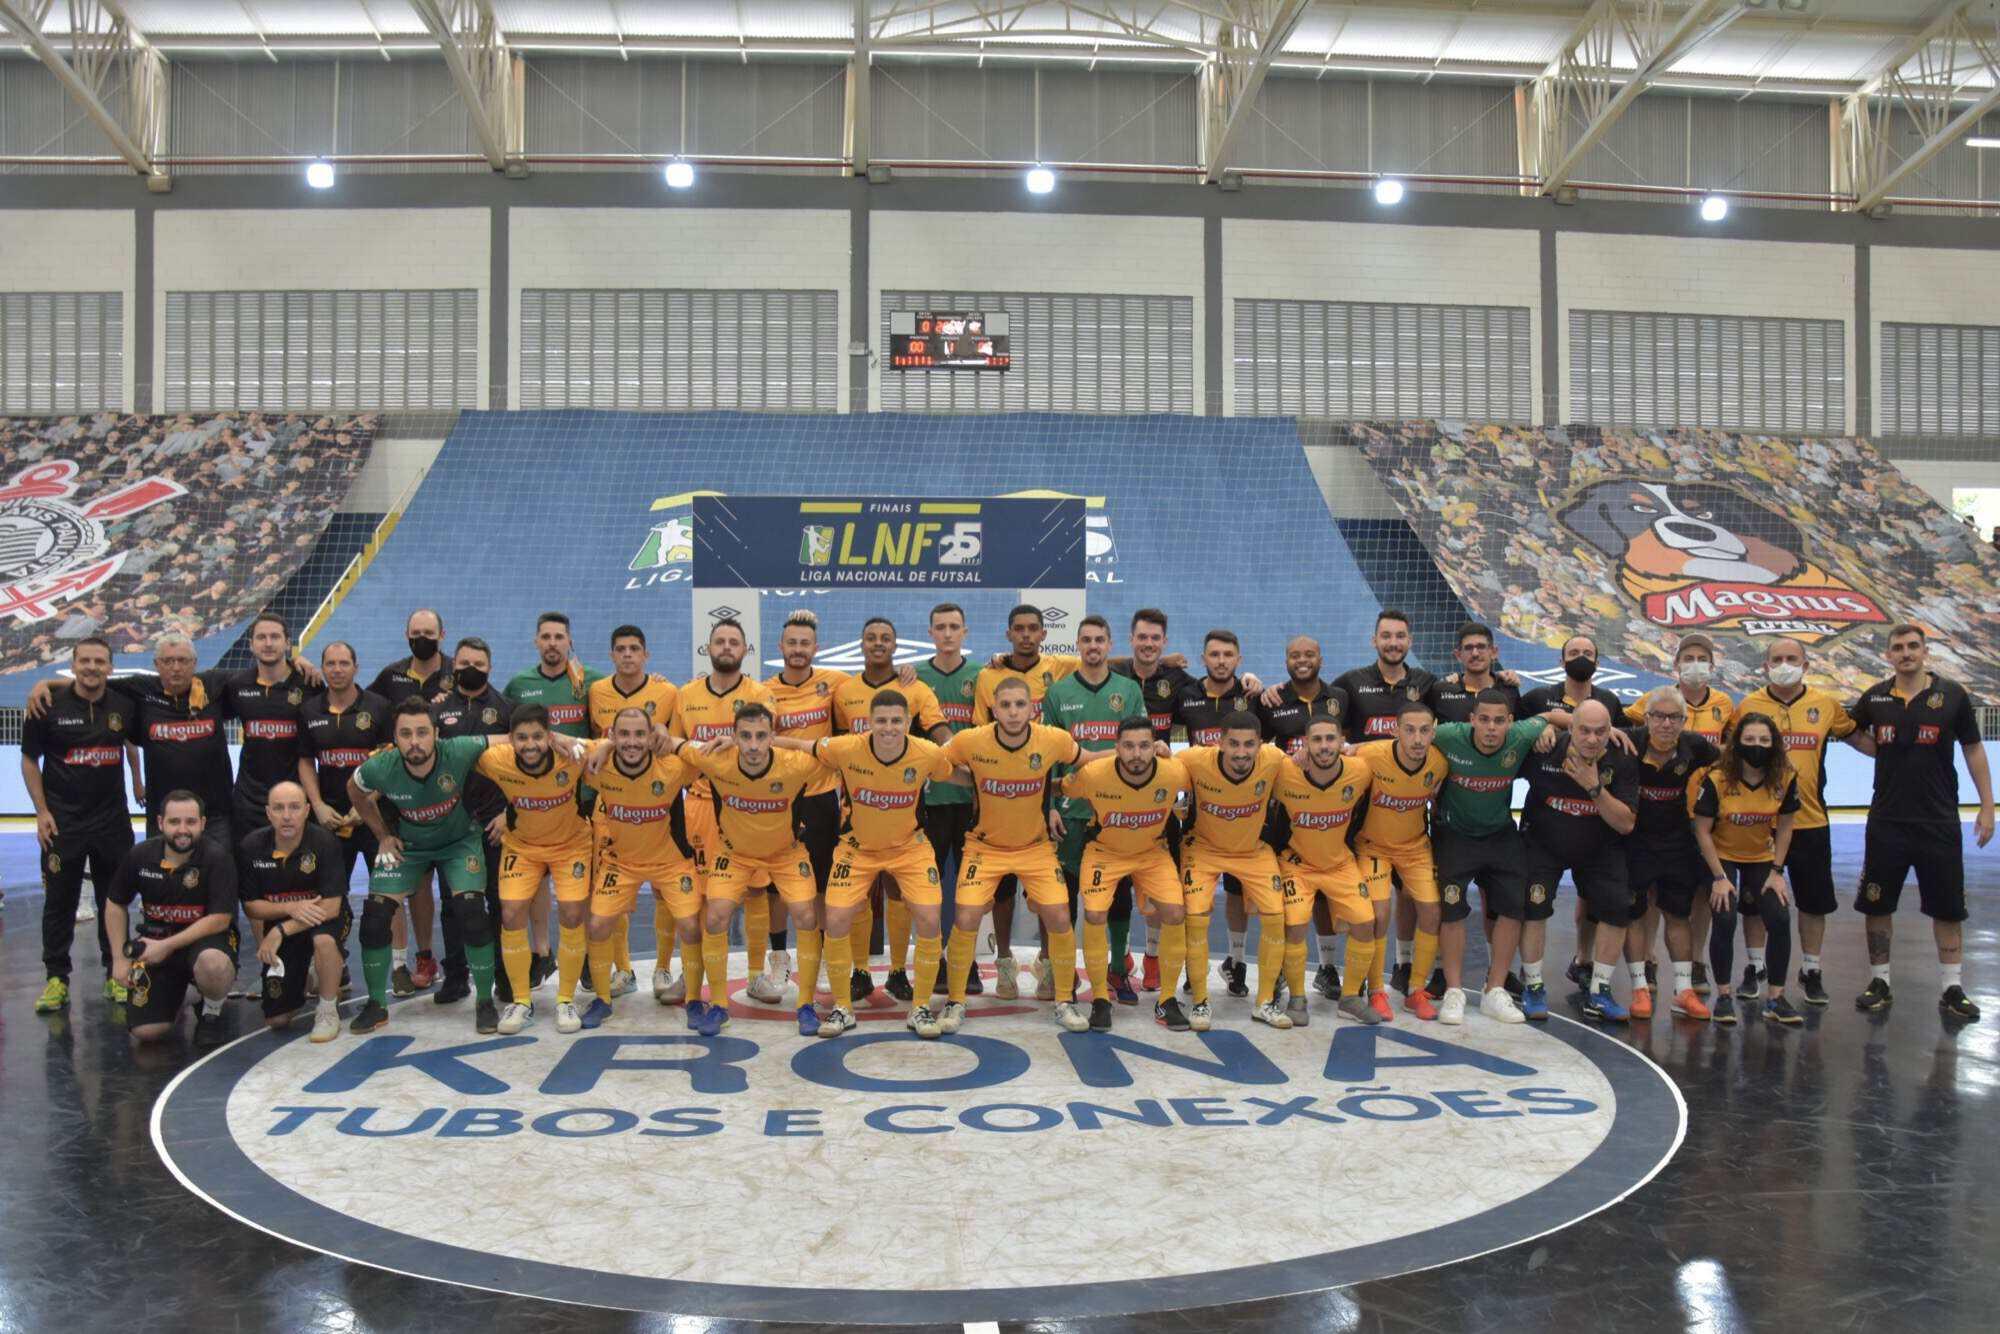 Magnus Futsal, Corinthians e Taboão Magnus somam, juntos, 11 indicações na principal premiação do futsal mundial